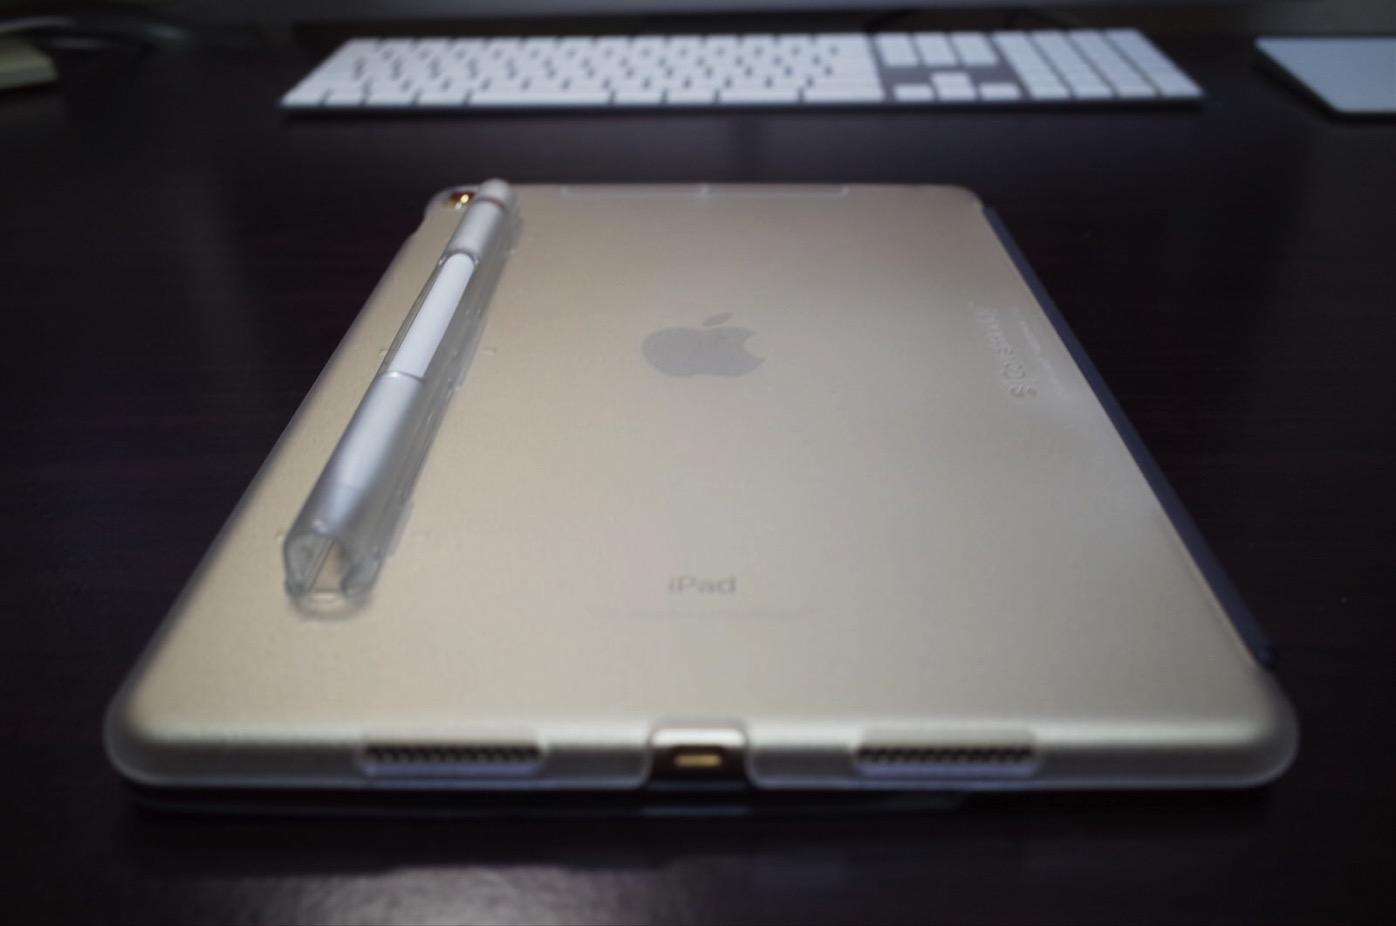 iPad Pro 10.5 ケース SwitchEasy CoverBuddy ハード バック カバー Apple Pencil 収納付き 純正 スマートキーボード 対応-7